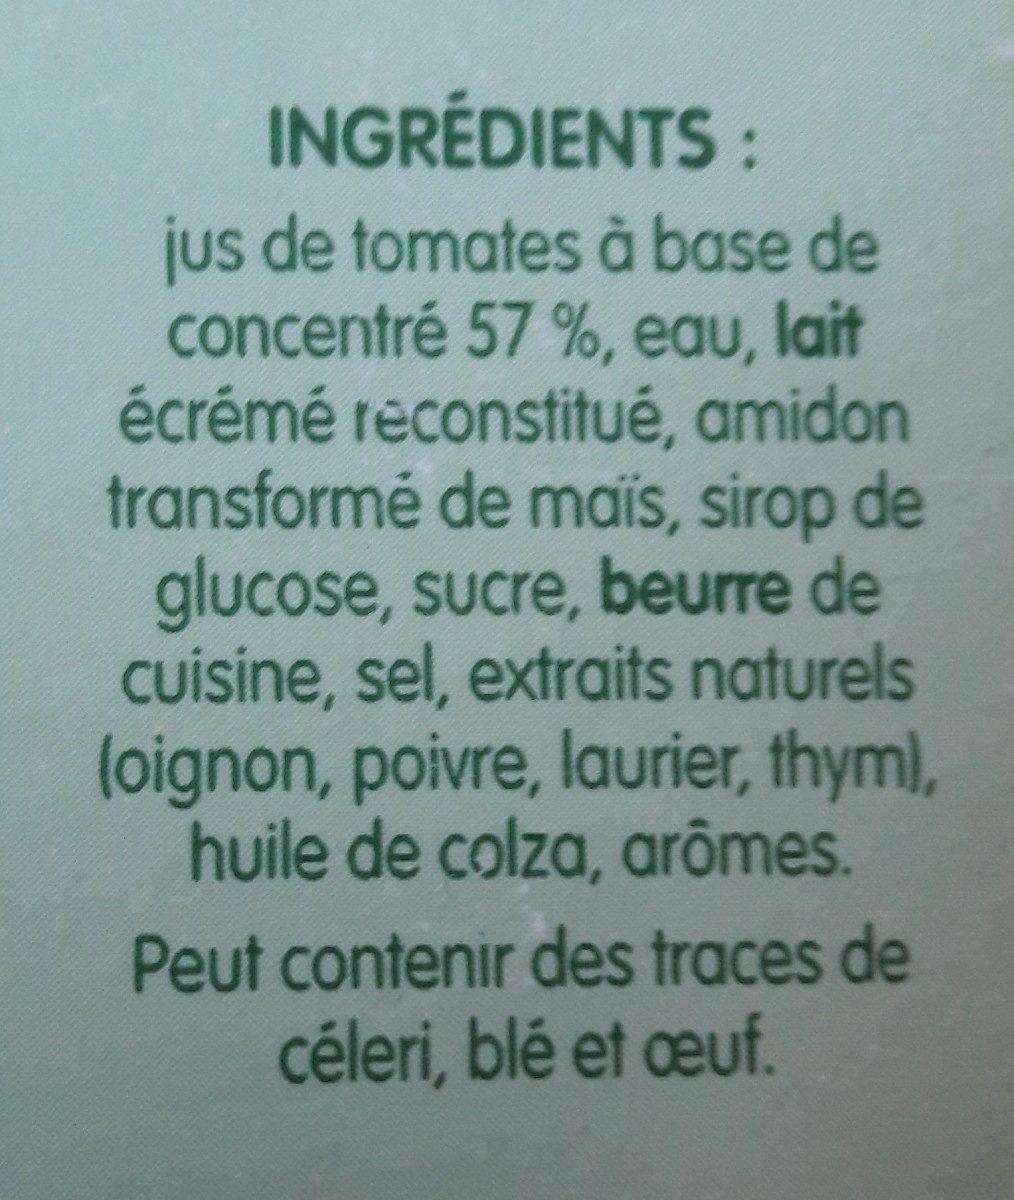 Velouté de tomates - Ingrediënten